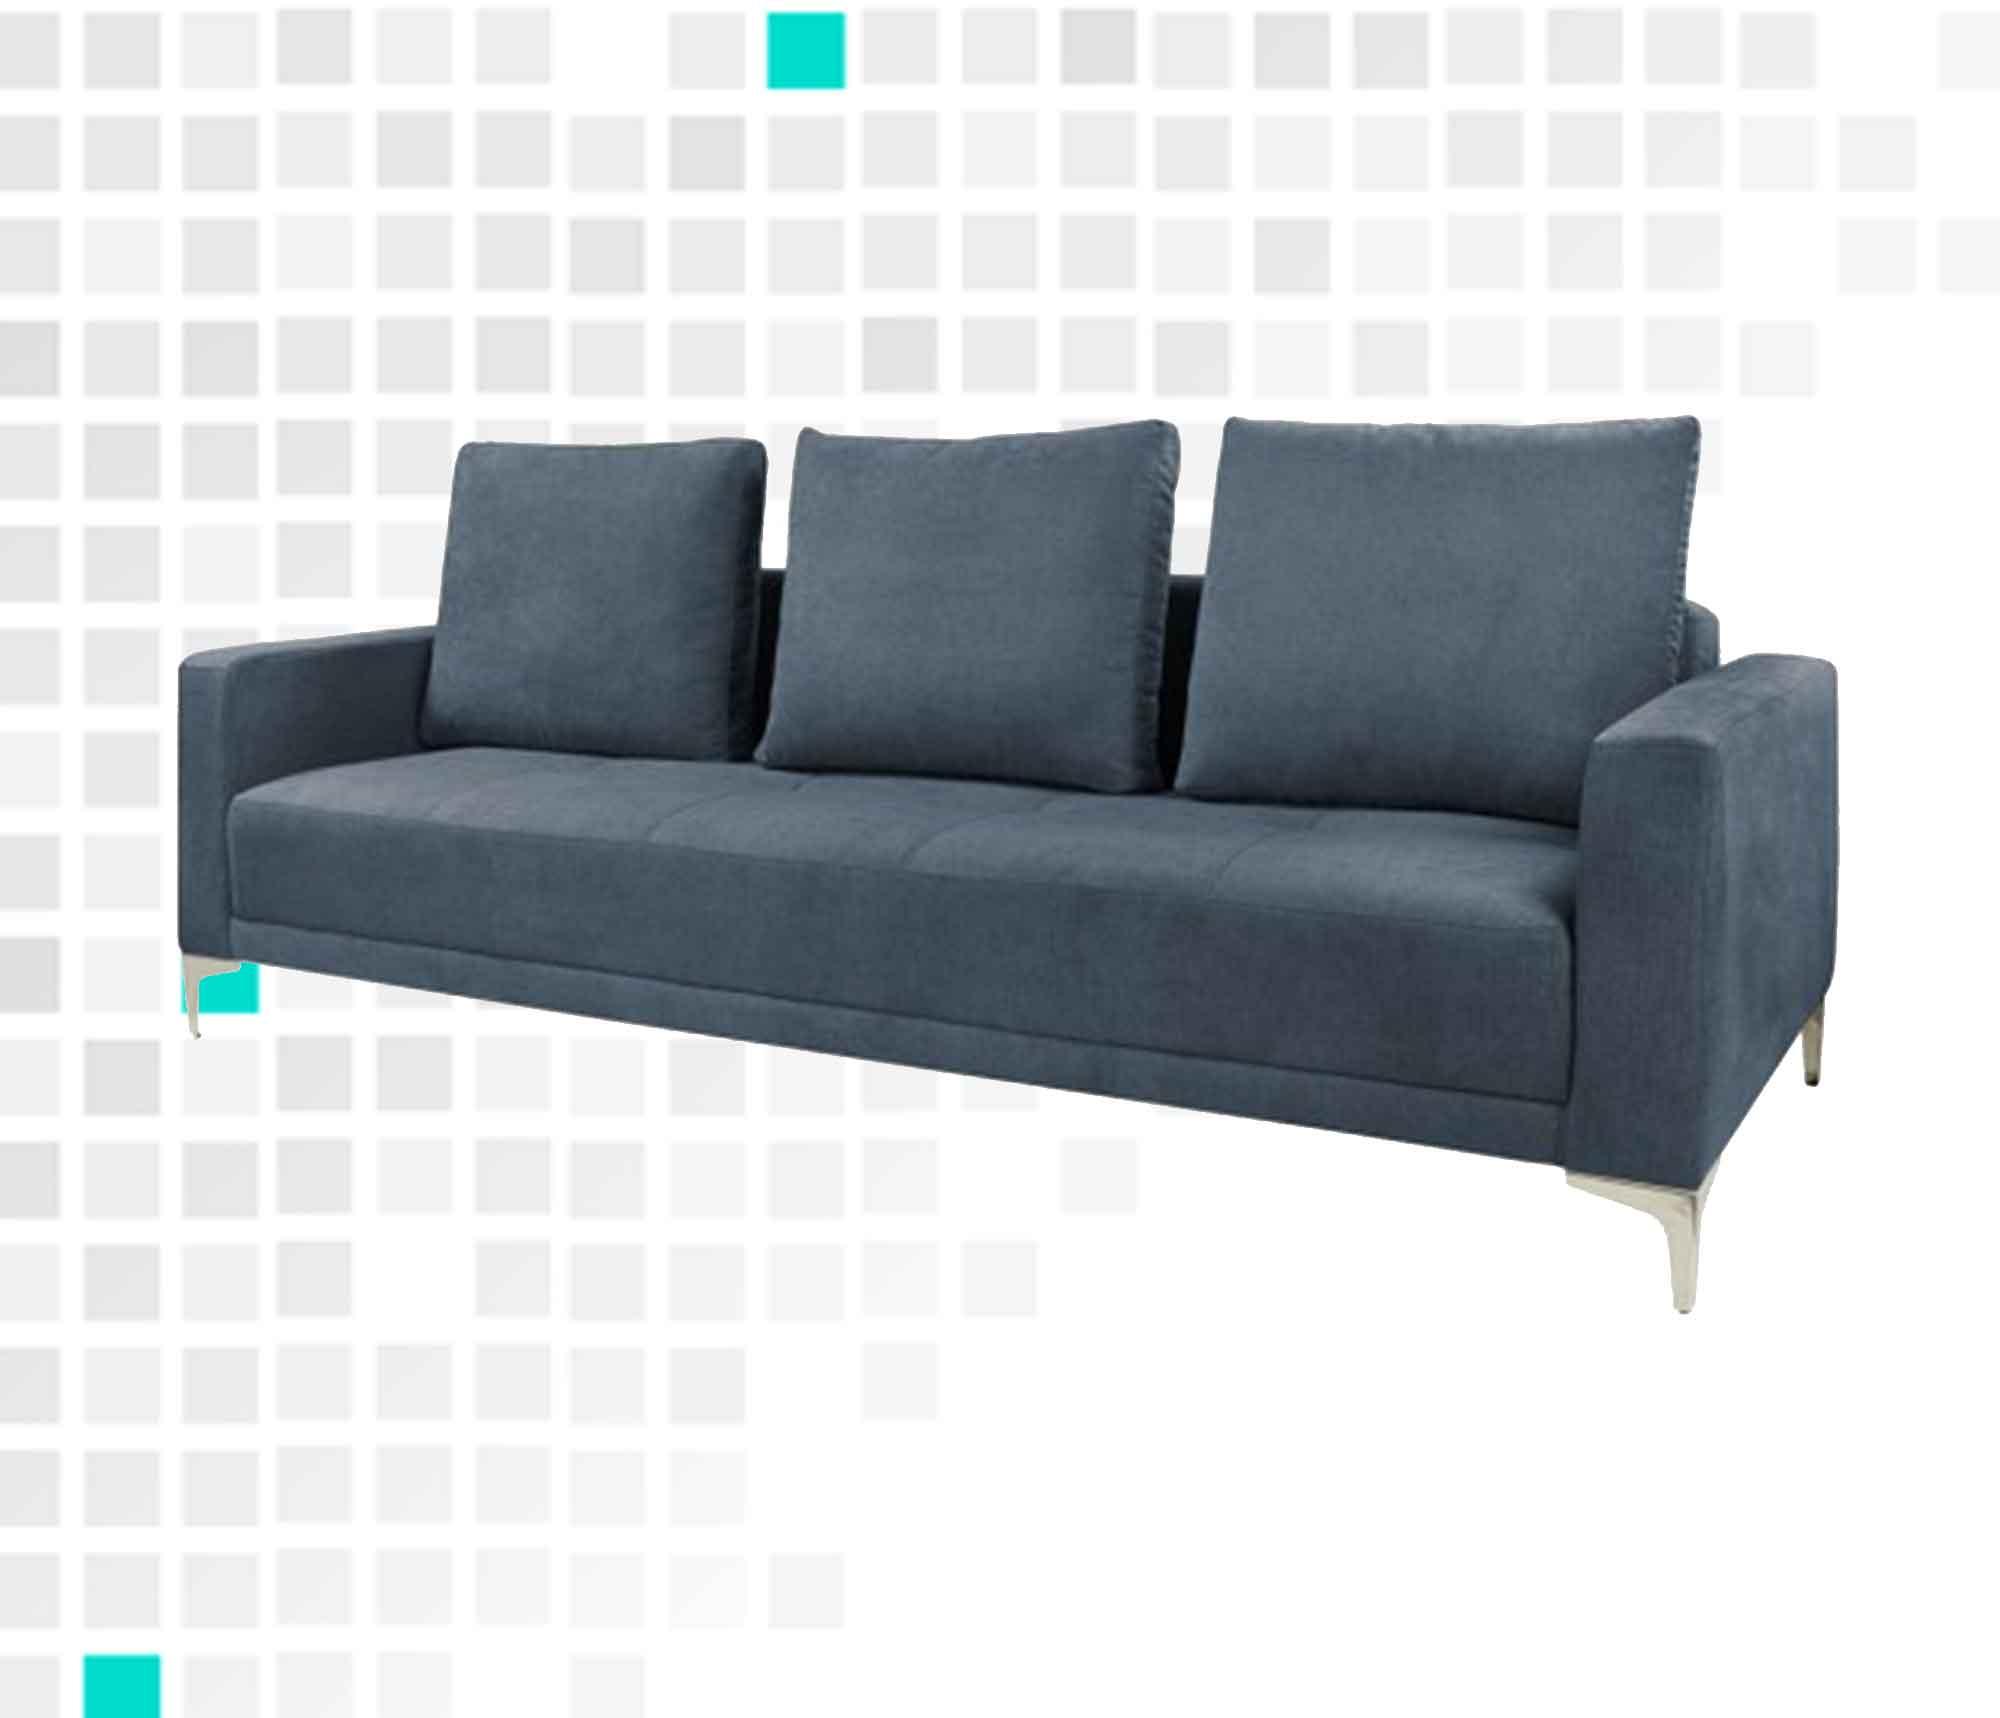 Sofa Cama Online Fmdf sofà Cama Neutro Tienda Online Vidaycasa